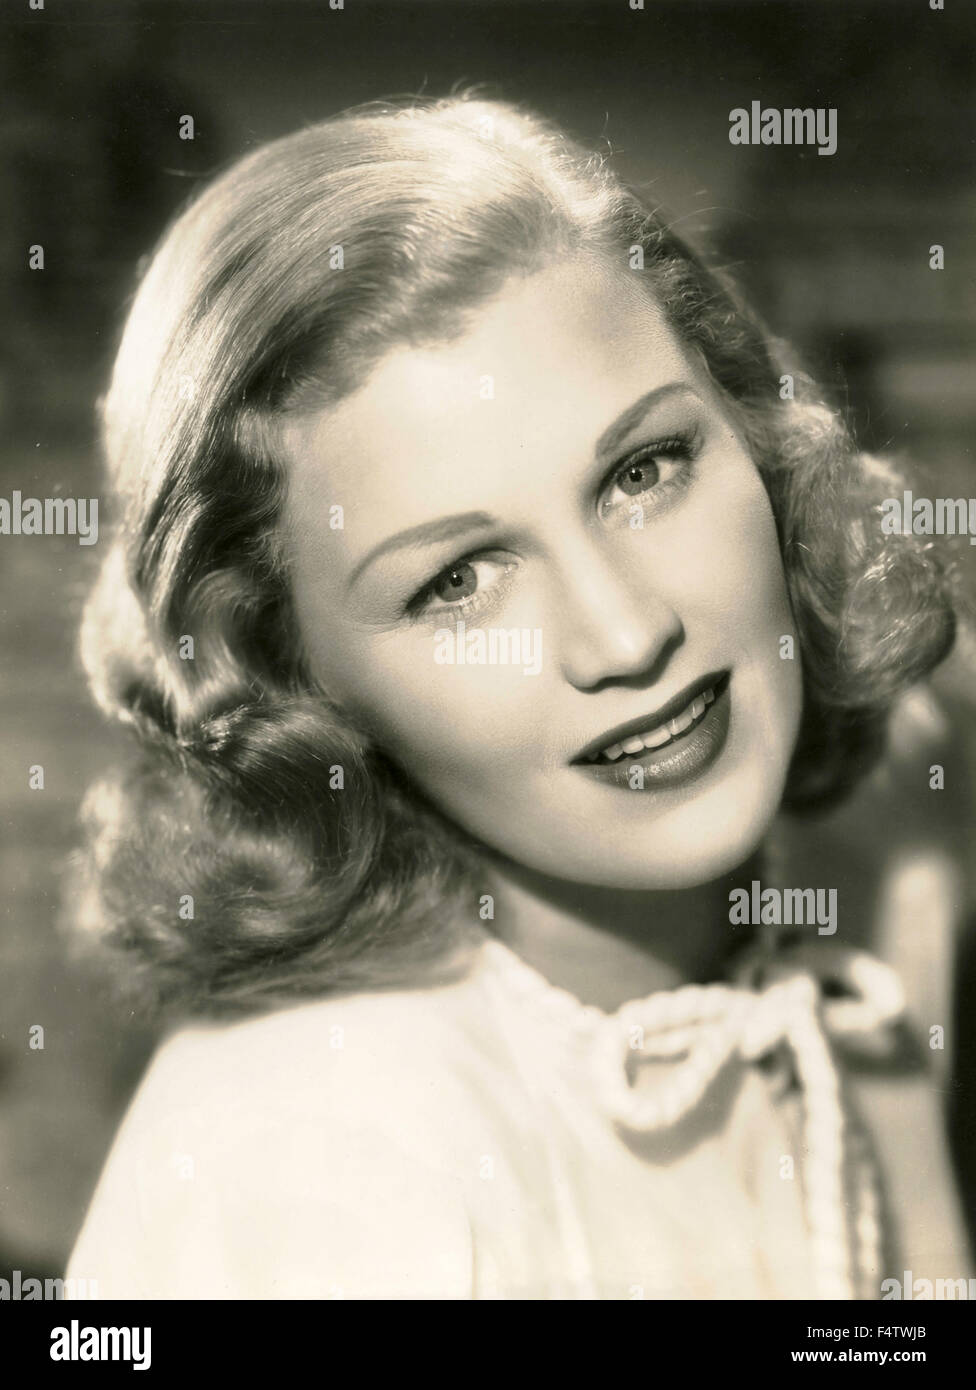 Ein Model trägt eine typische 50er Jahre Frisur Stockbild